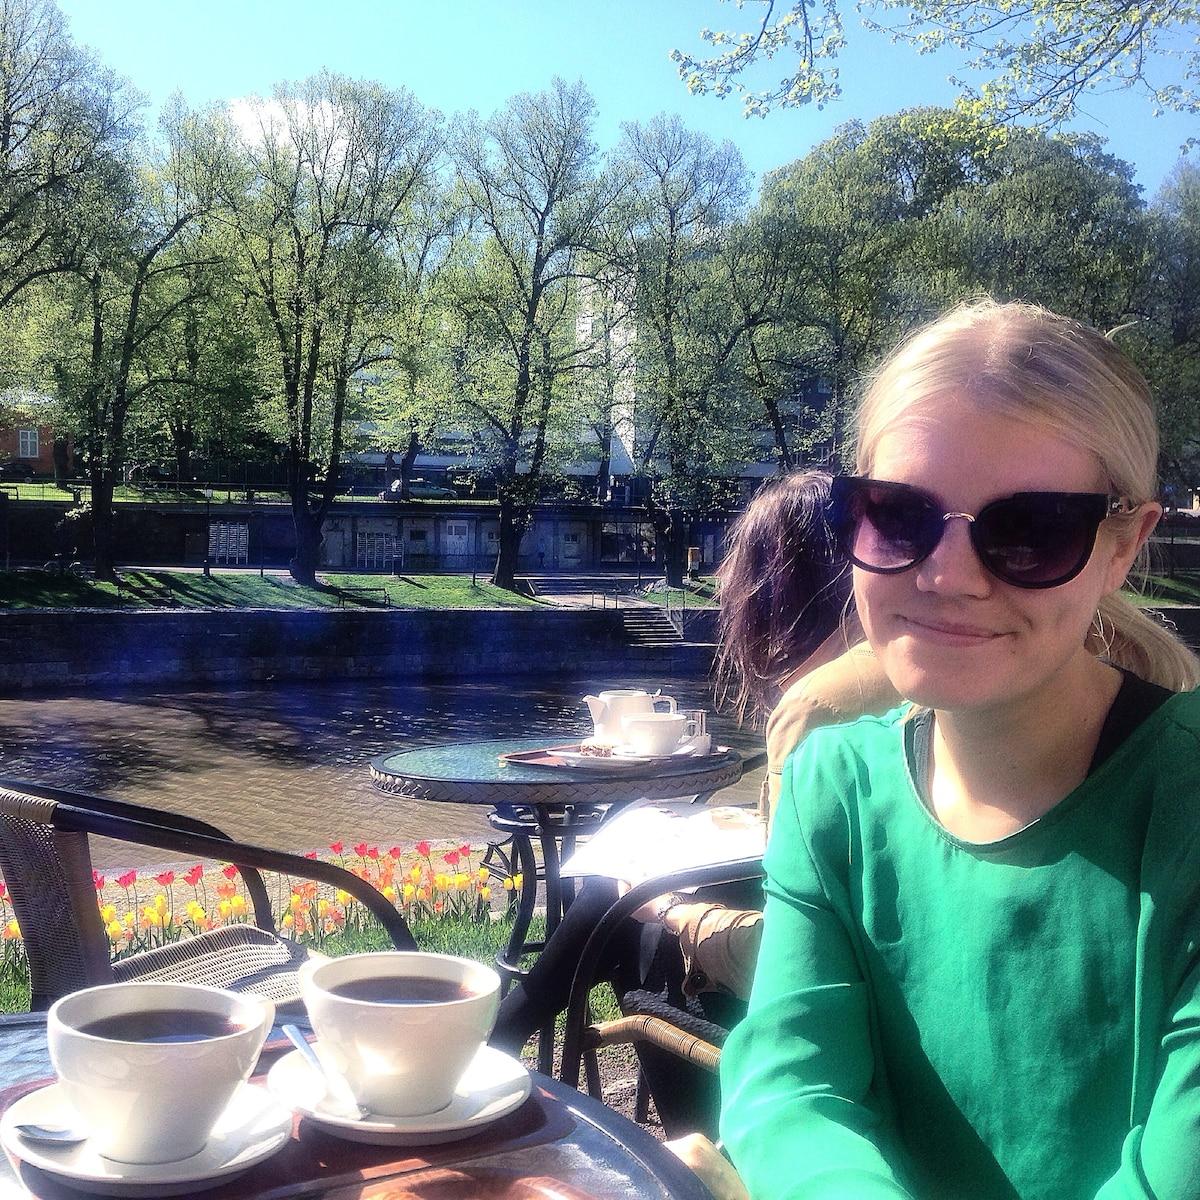 Tiia from Turku